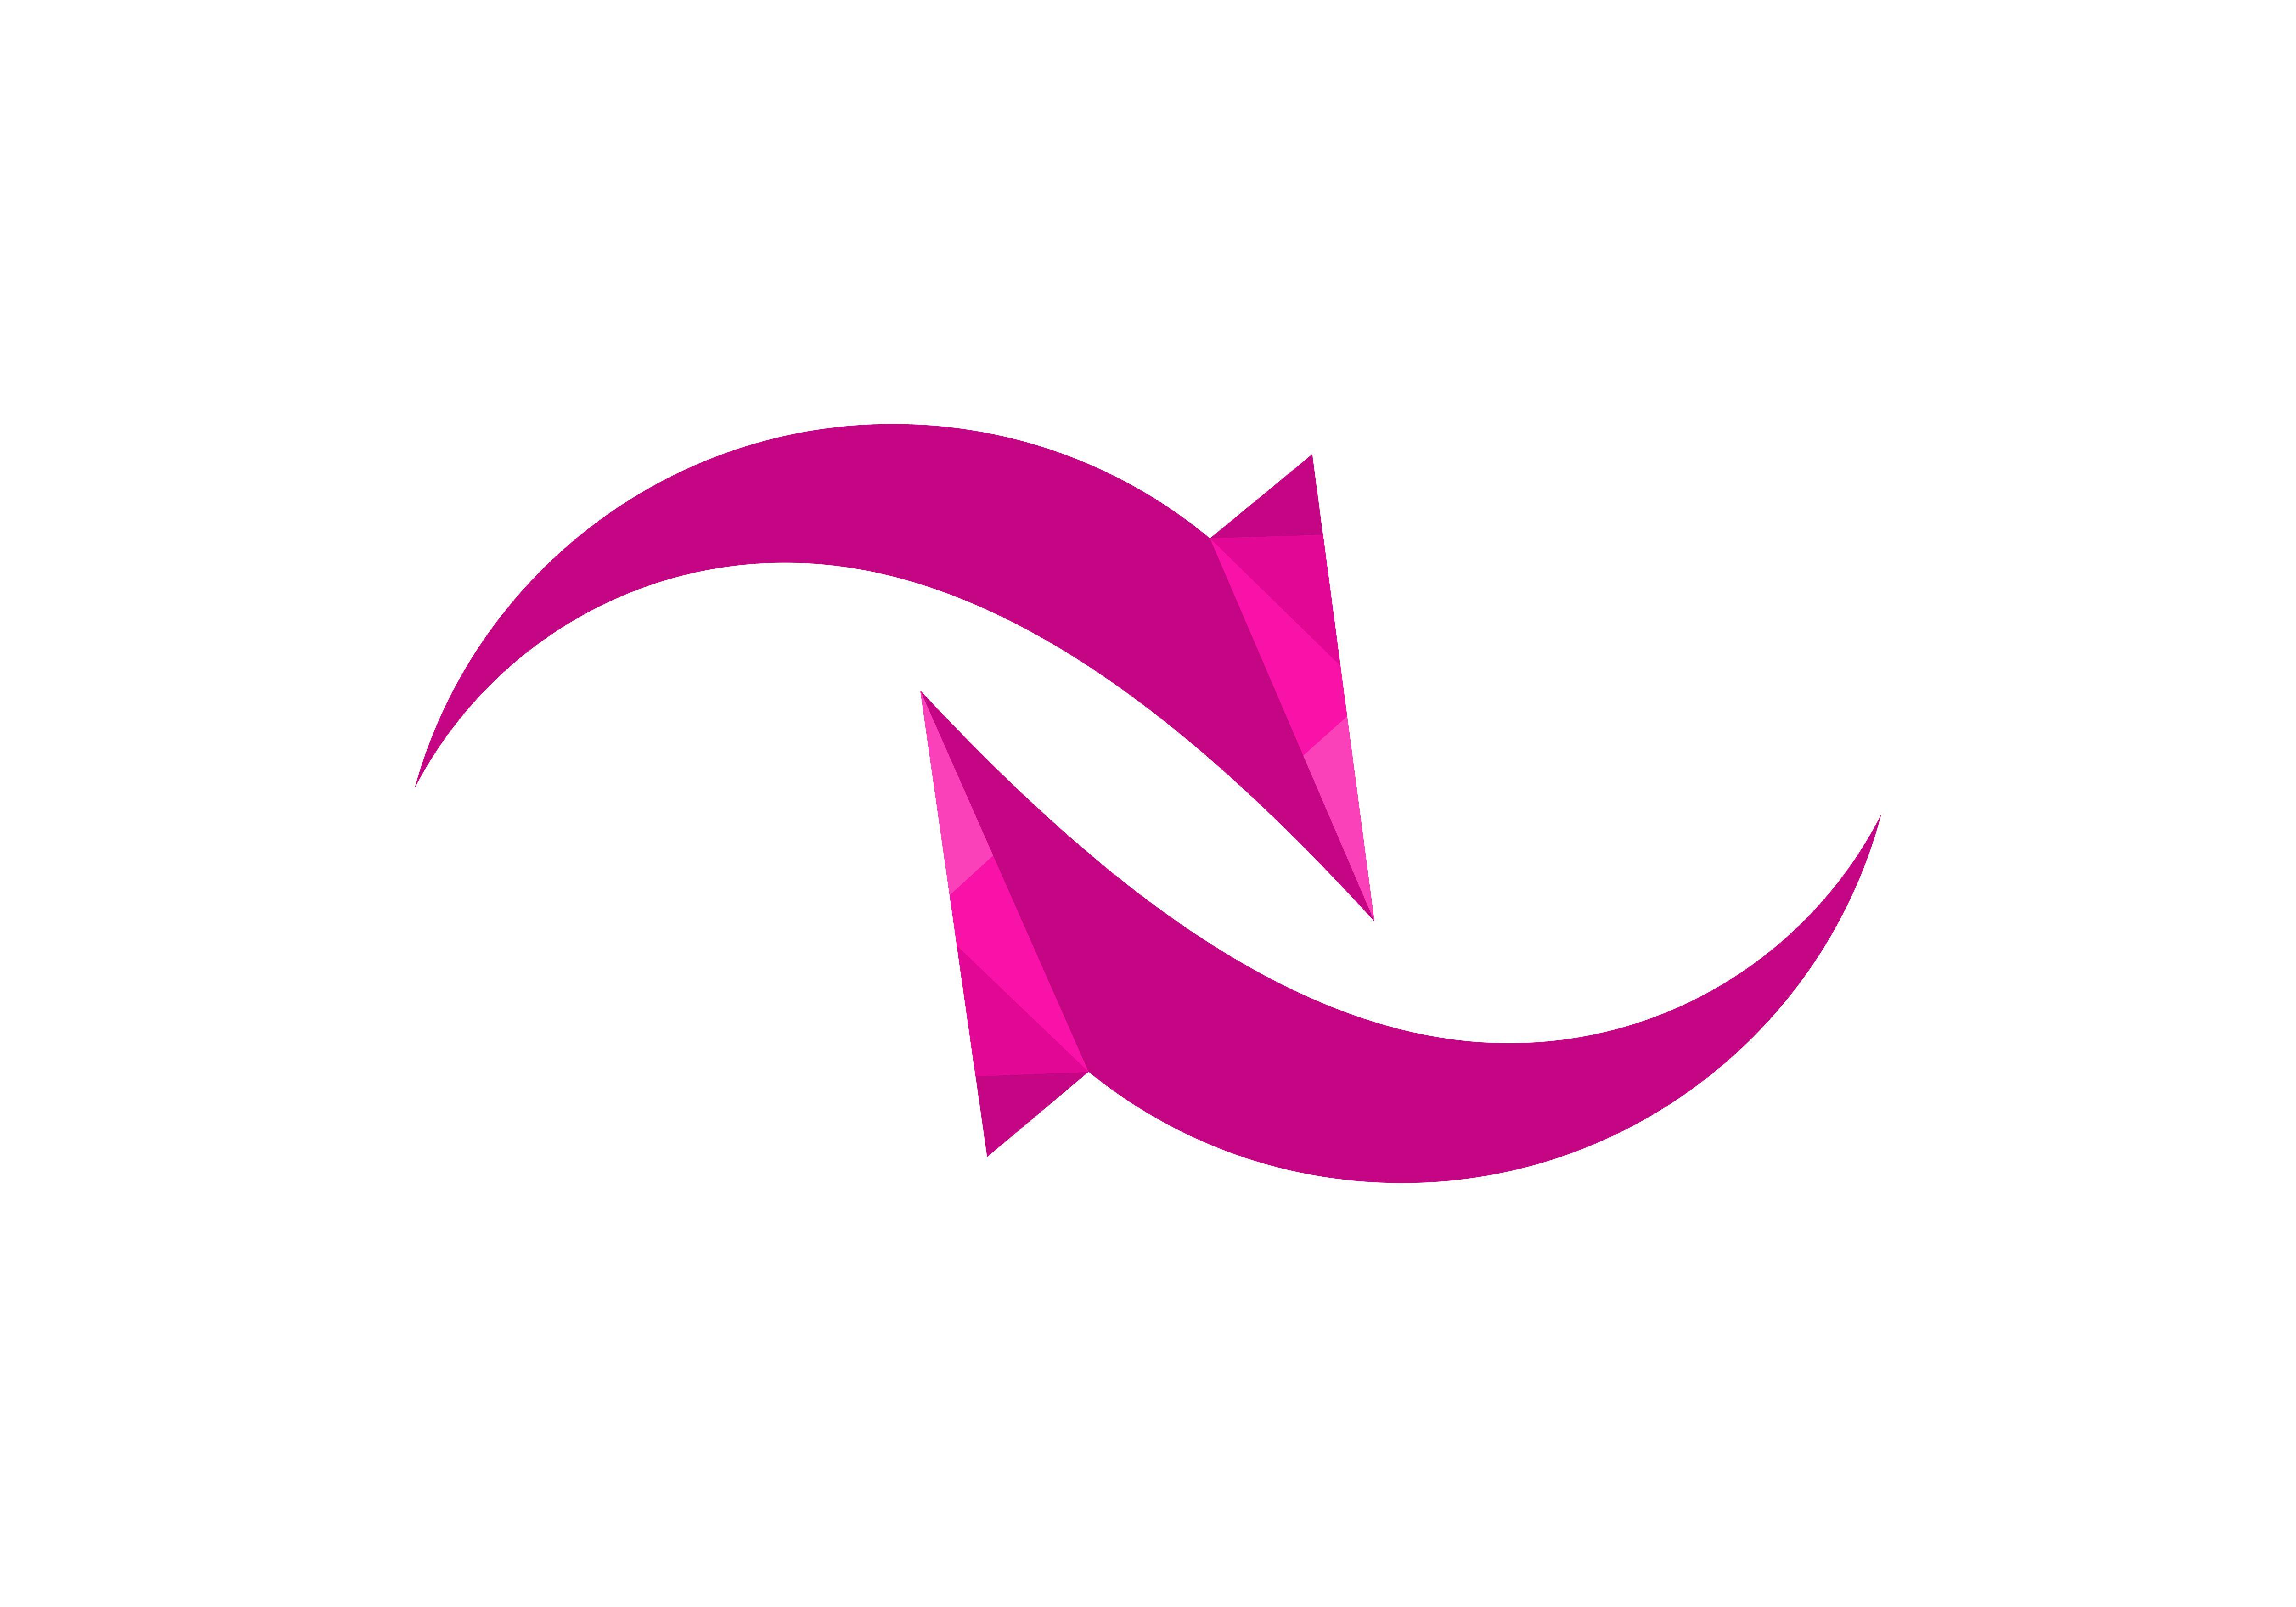 Arrow, Rotation Logo Vector.